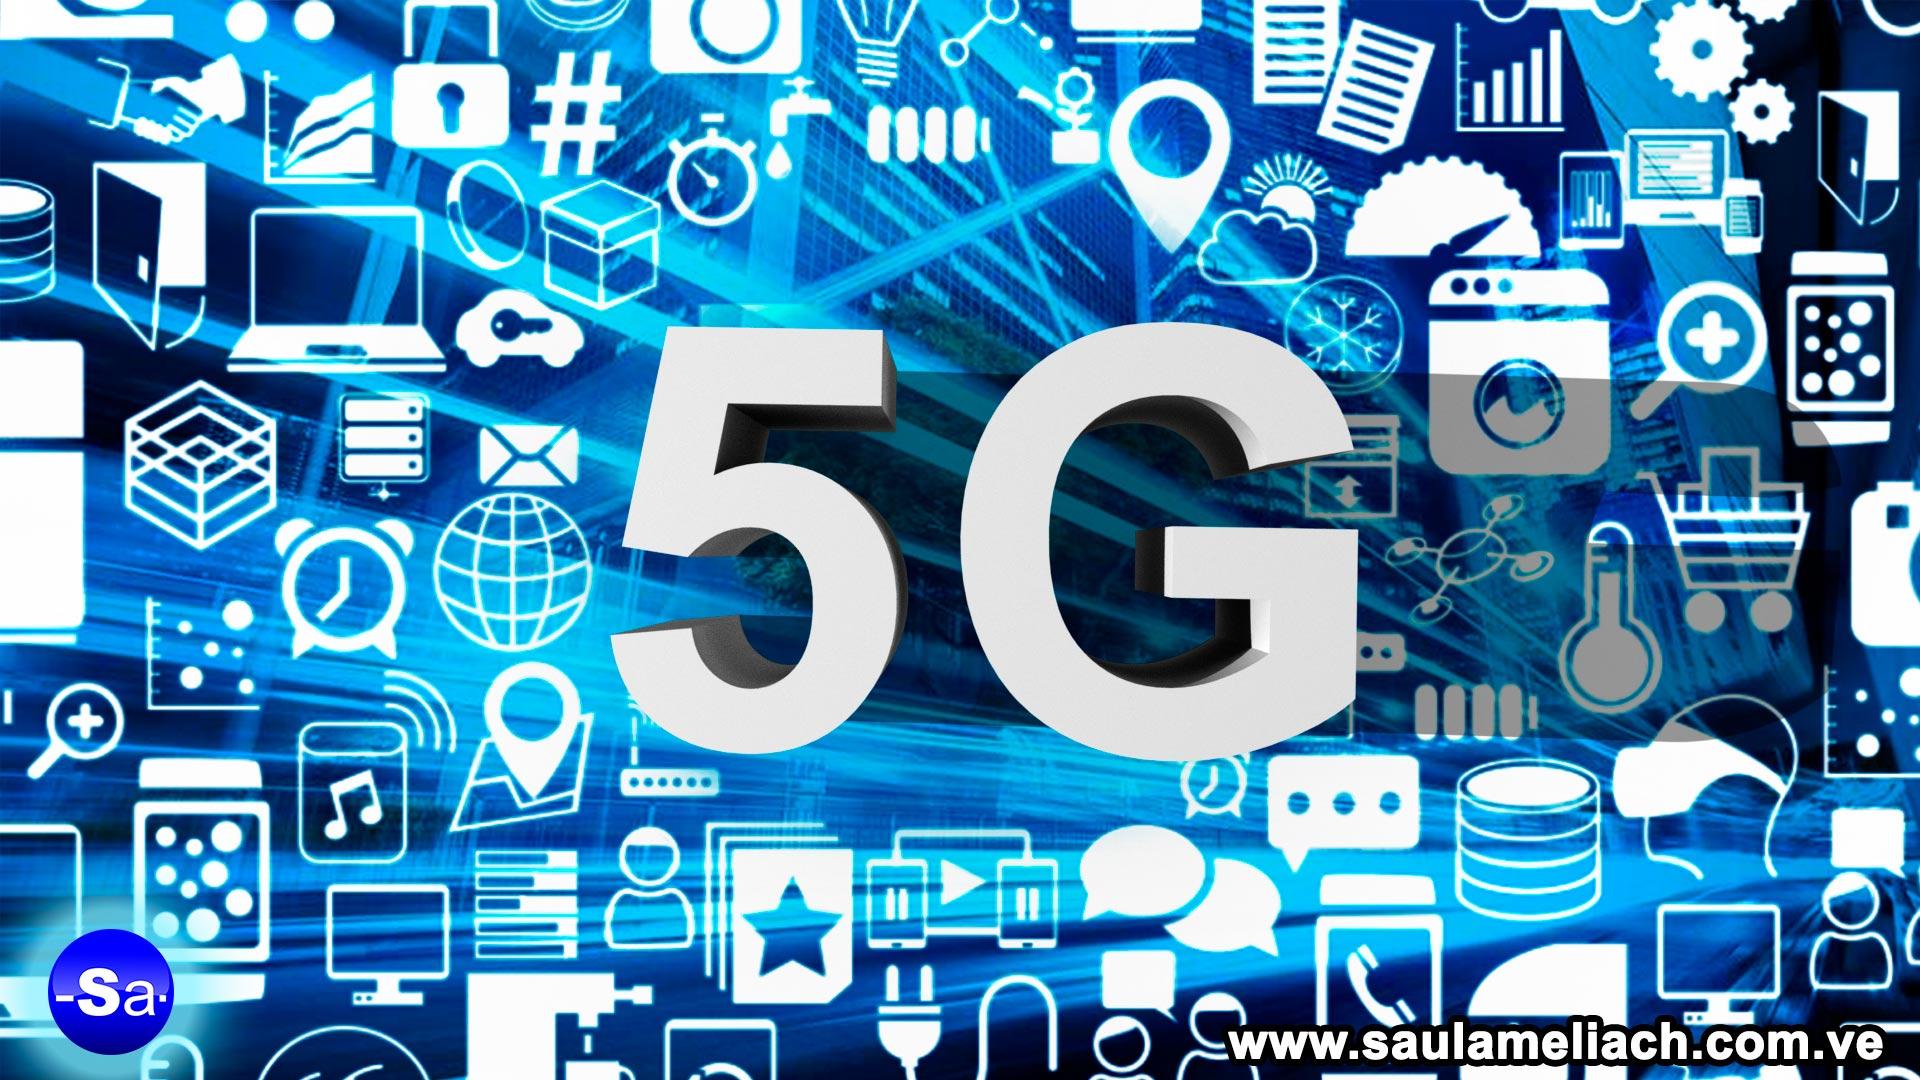 saul-ameliach-tecnología 5G-conexión